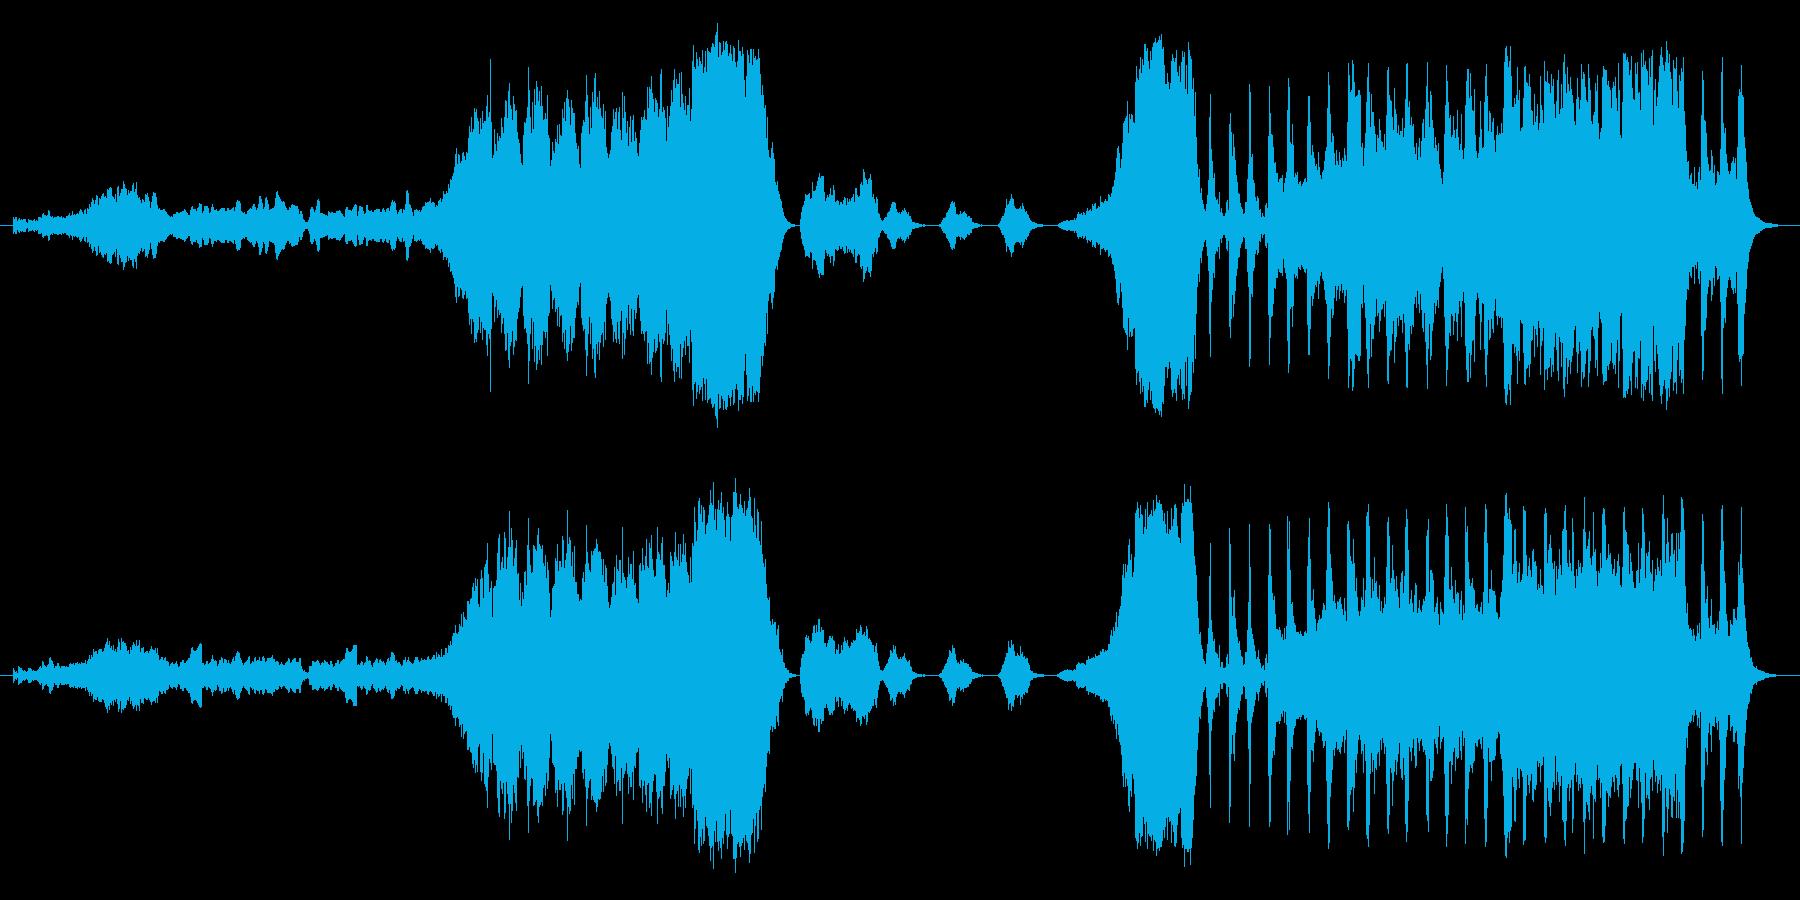 映画やドキュメンタリーのオープニング曲の再生済みの波形